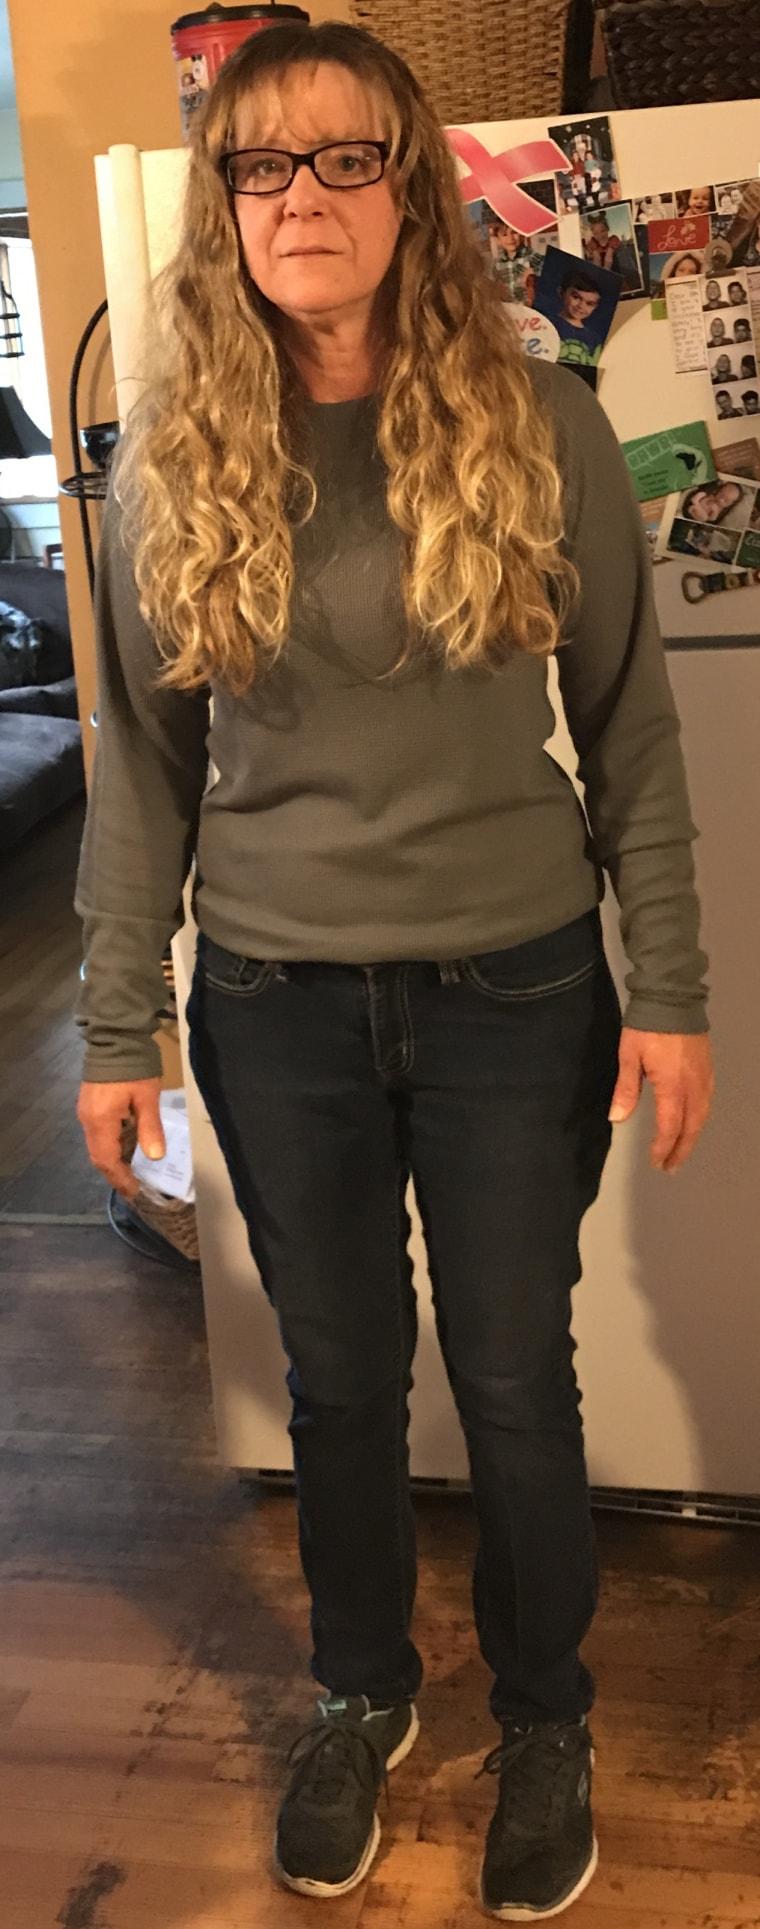 Michelle Larson Ambush Makeover